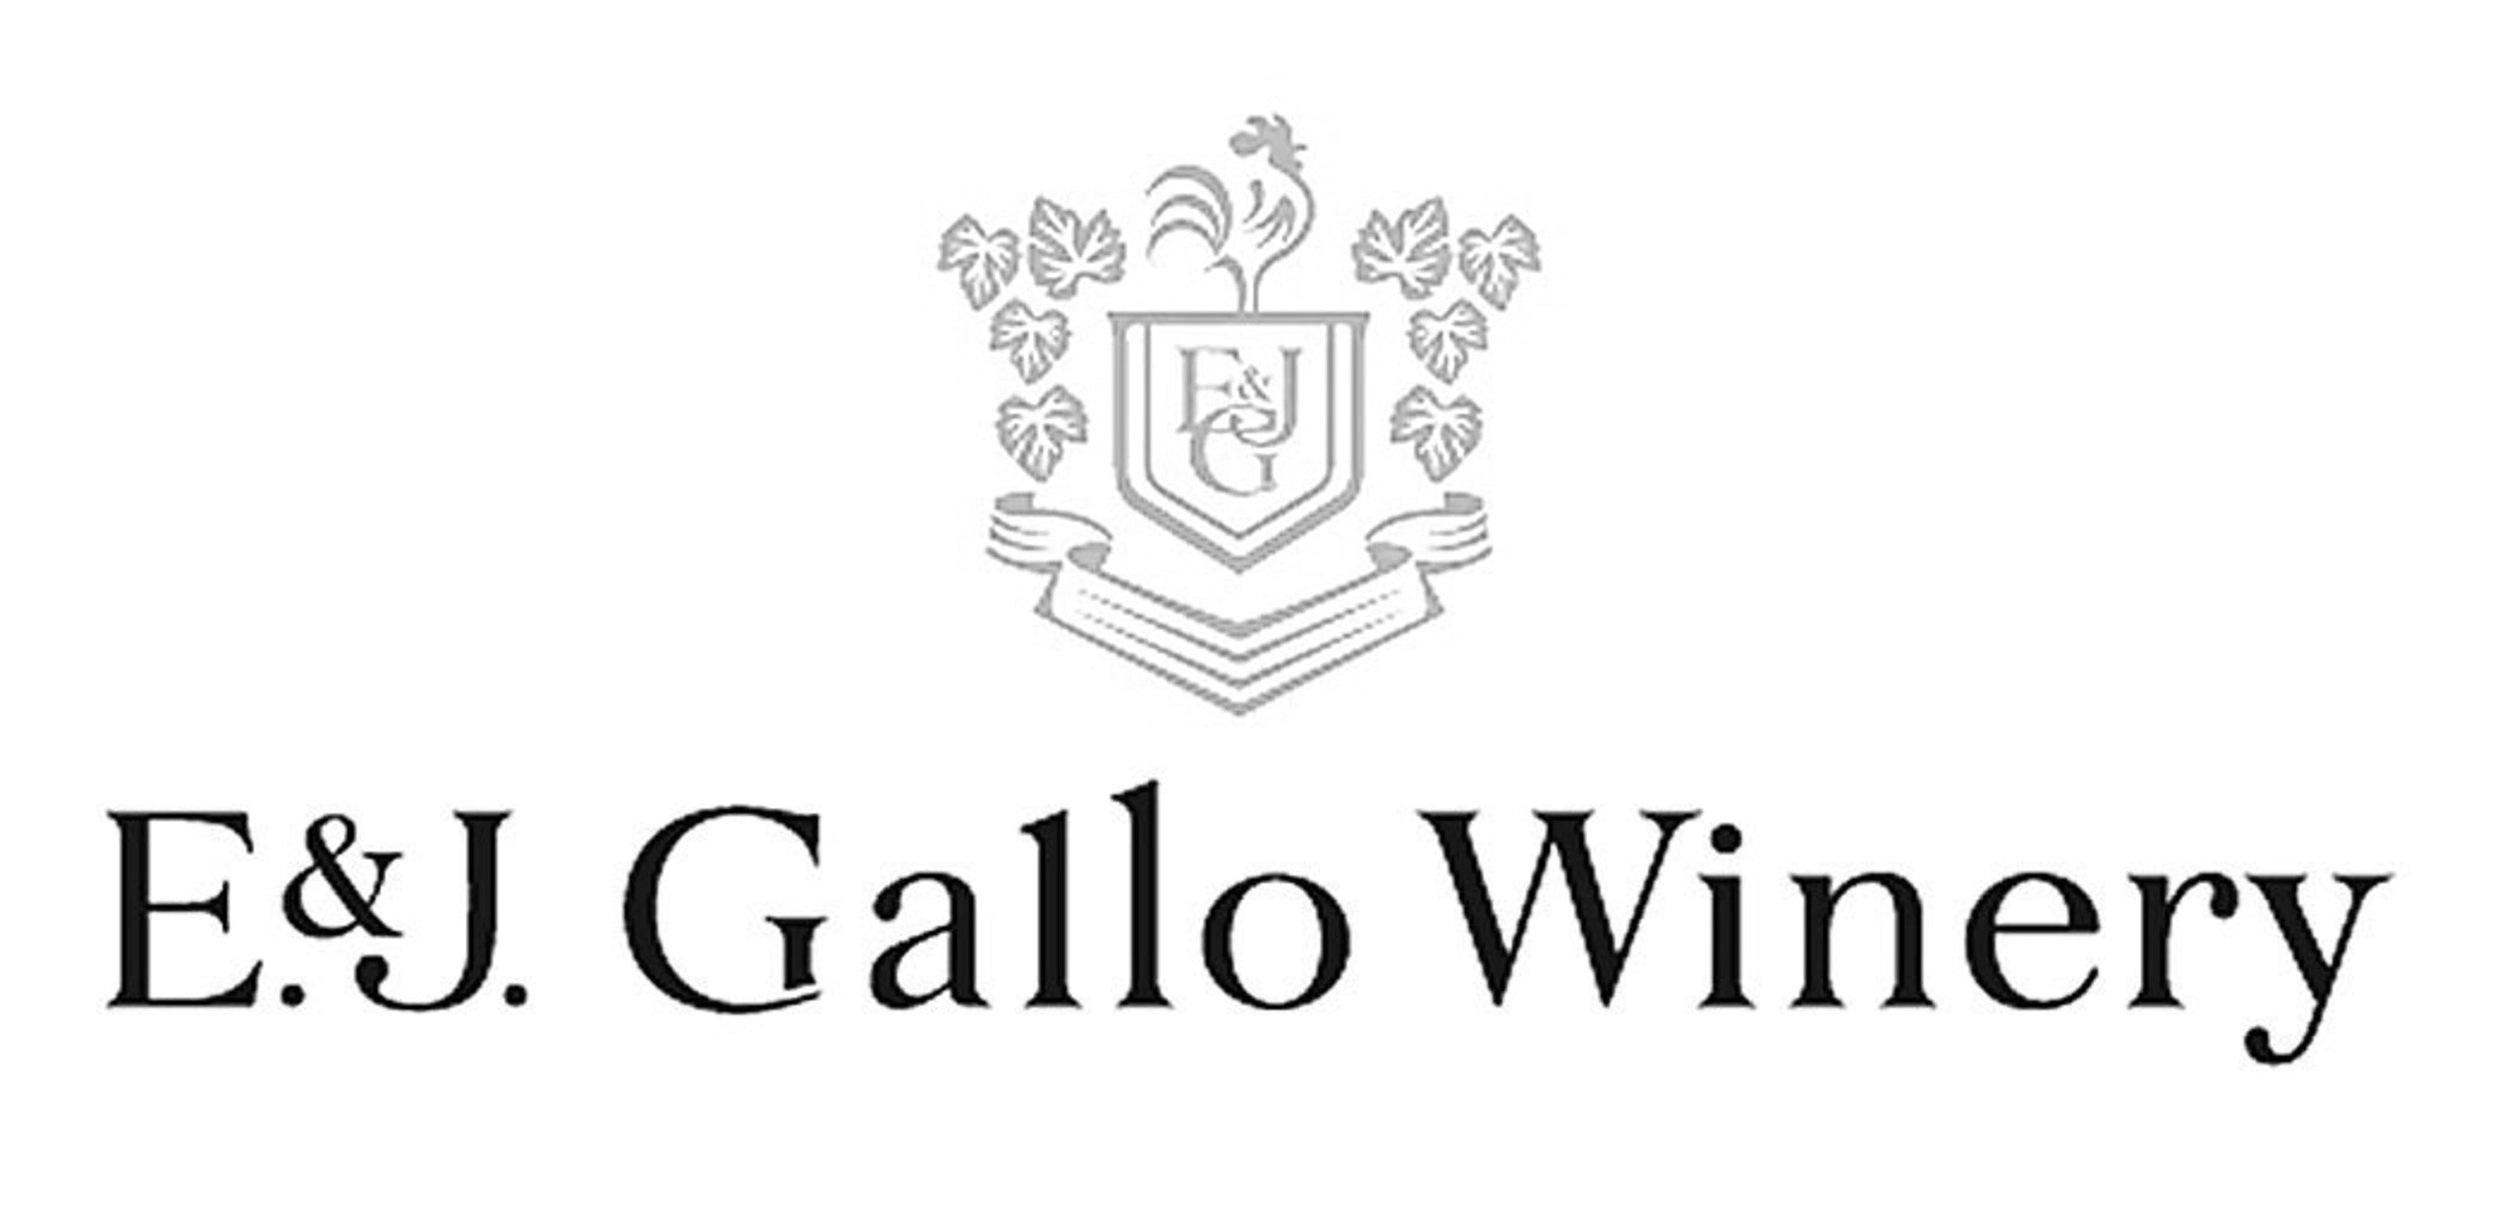 gallow.jpg